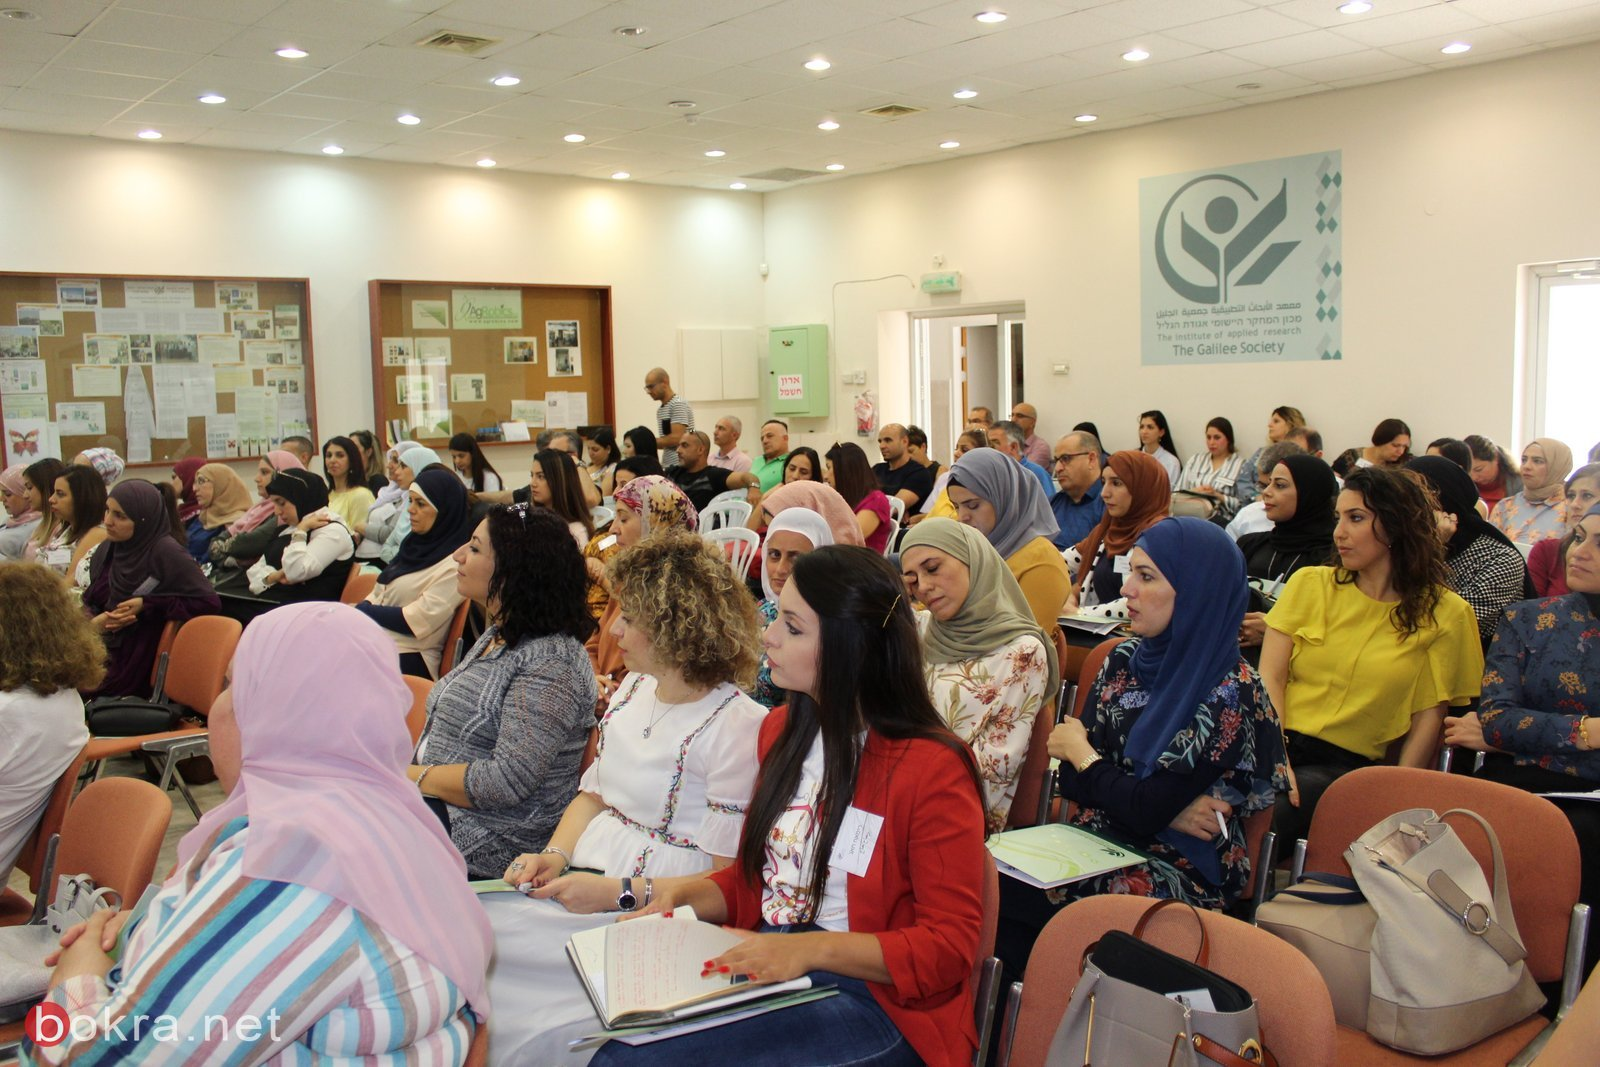 جمعية الجليل تطلق مؤتمرها العلمي السنوي للعام 2019 -20